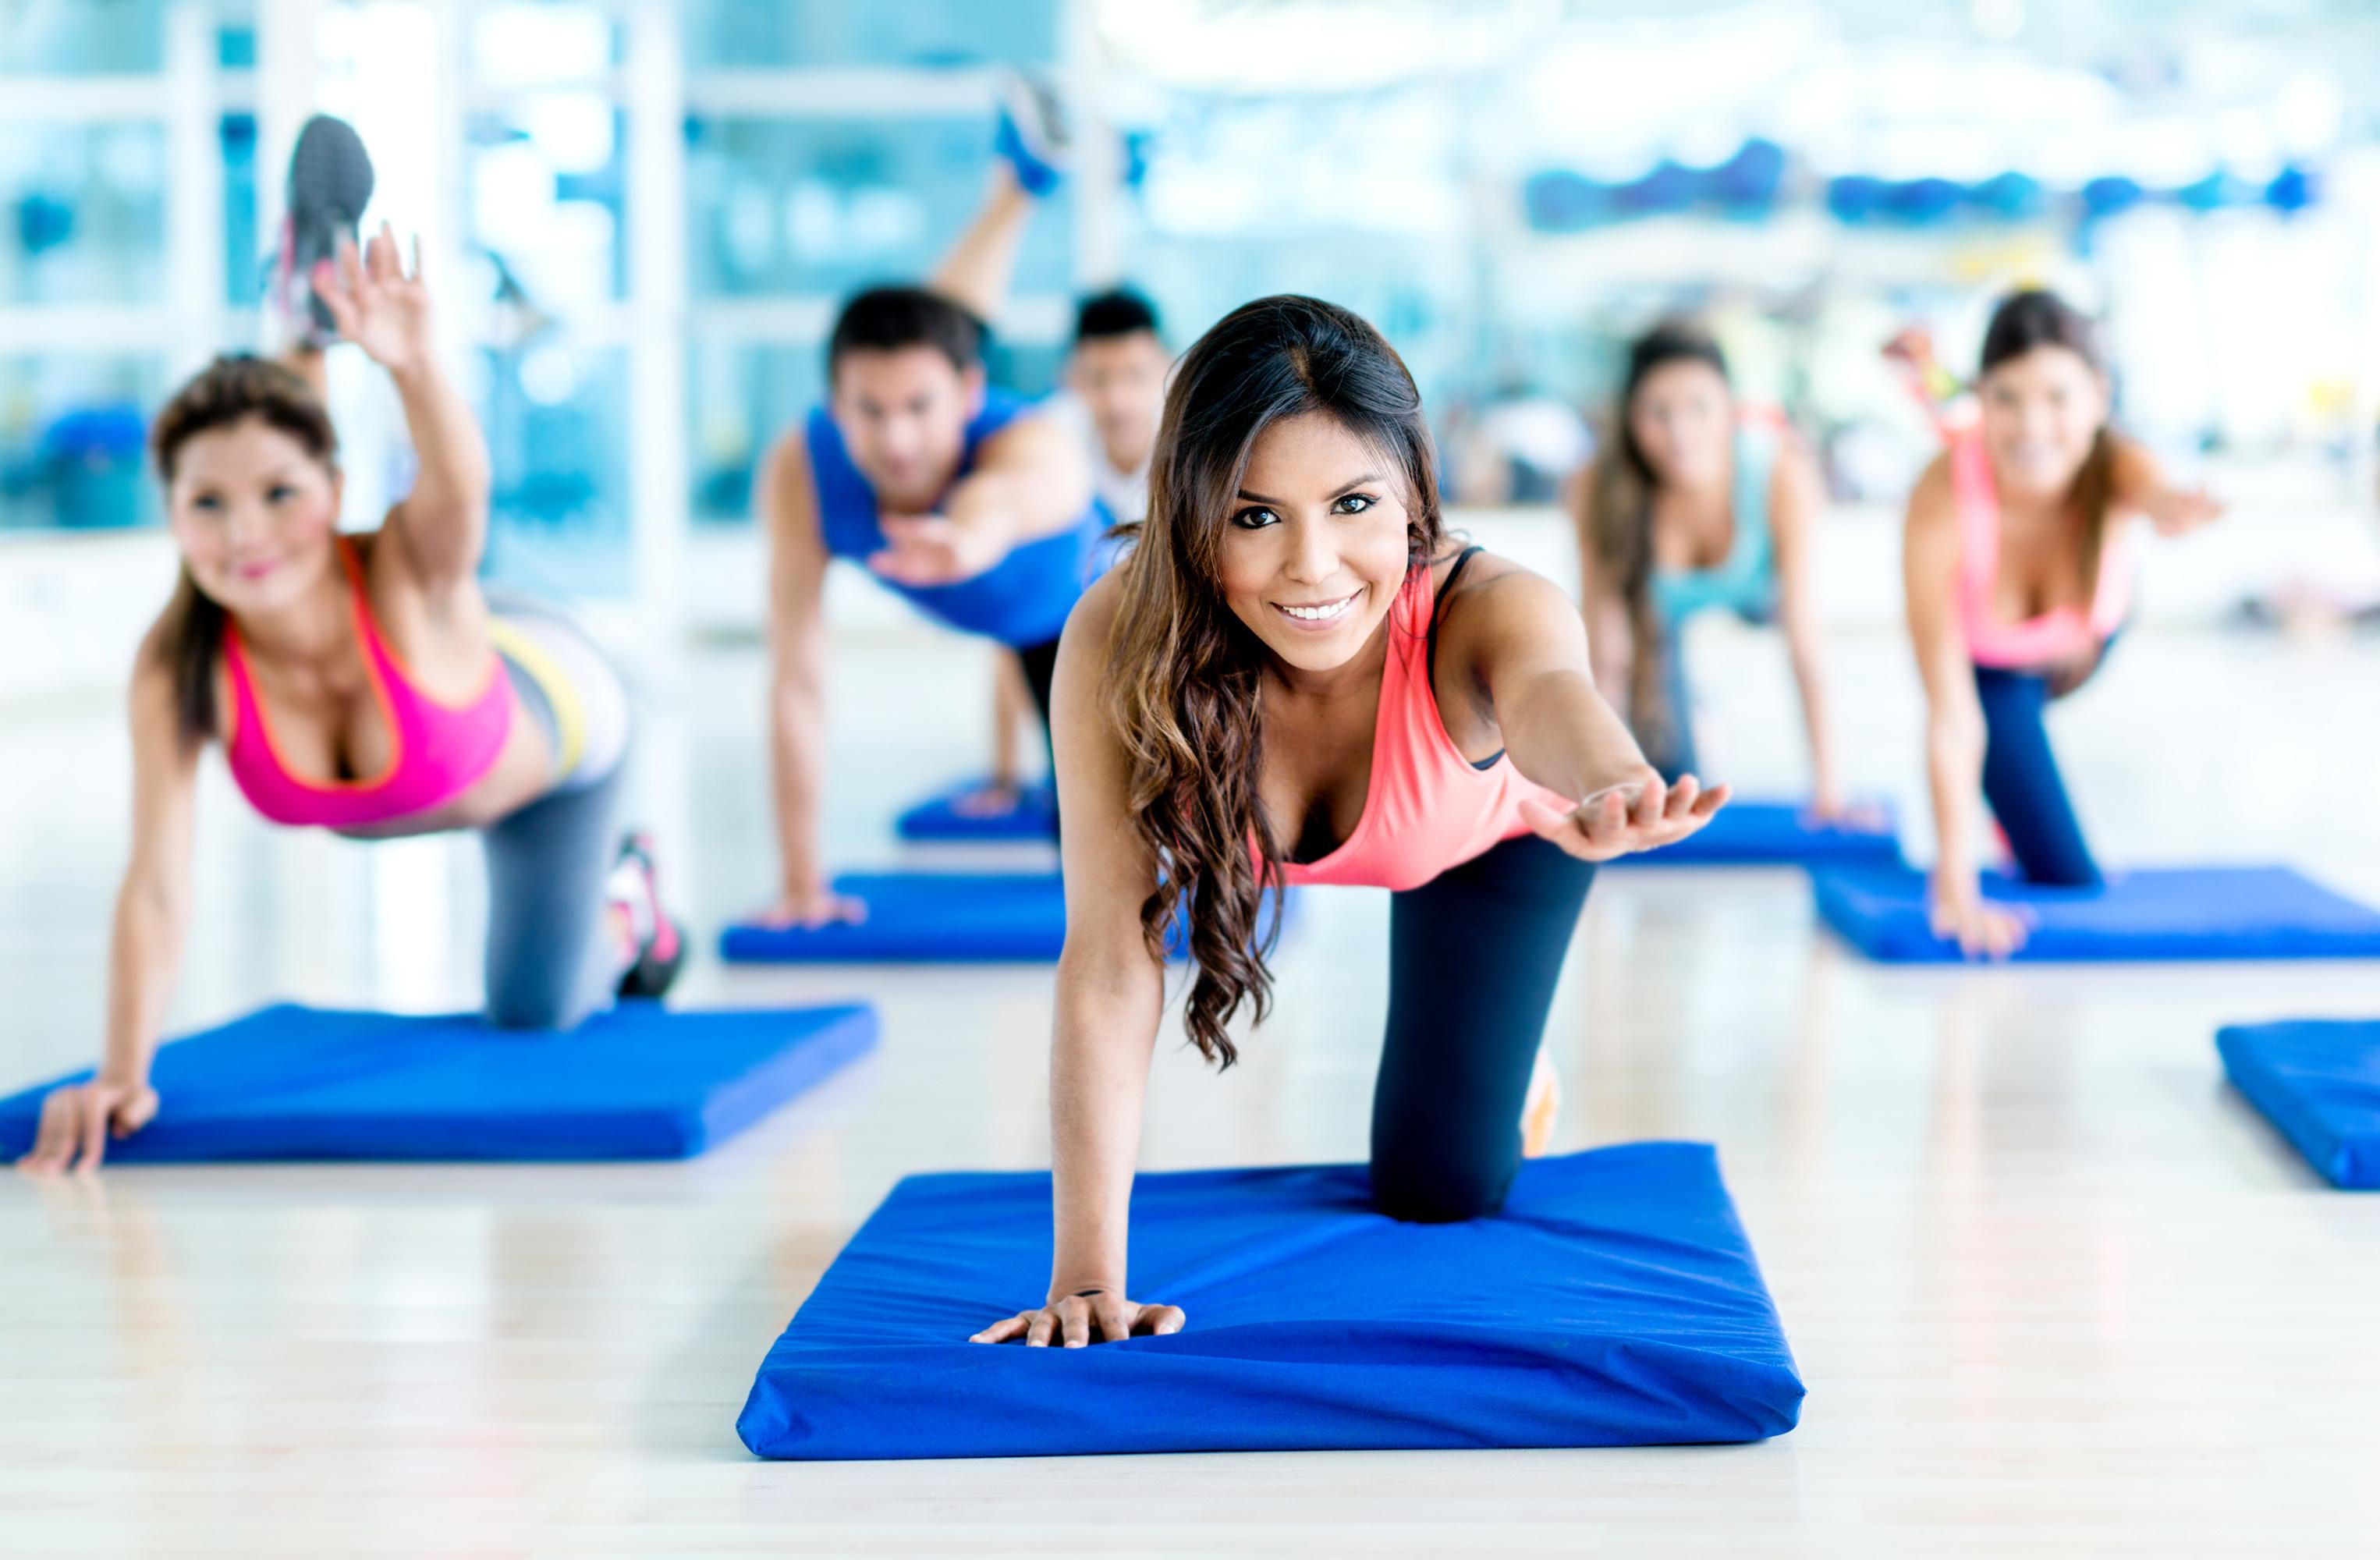 Йога Для Похудения Обучение. Неудобная правда о похудении от йоги